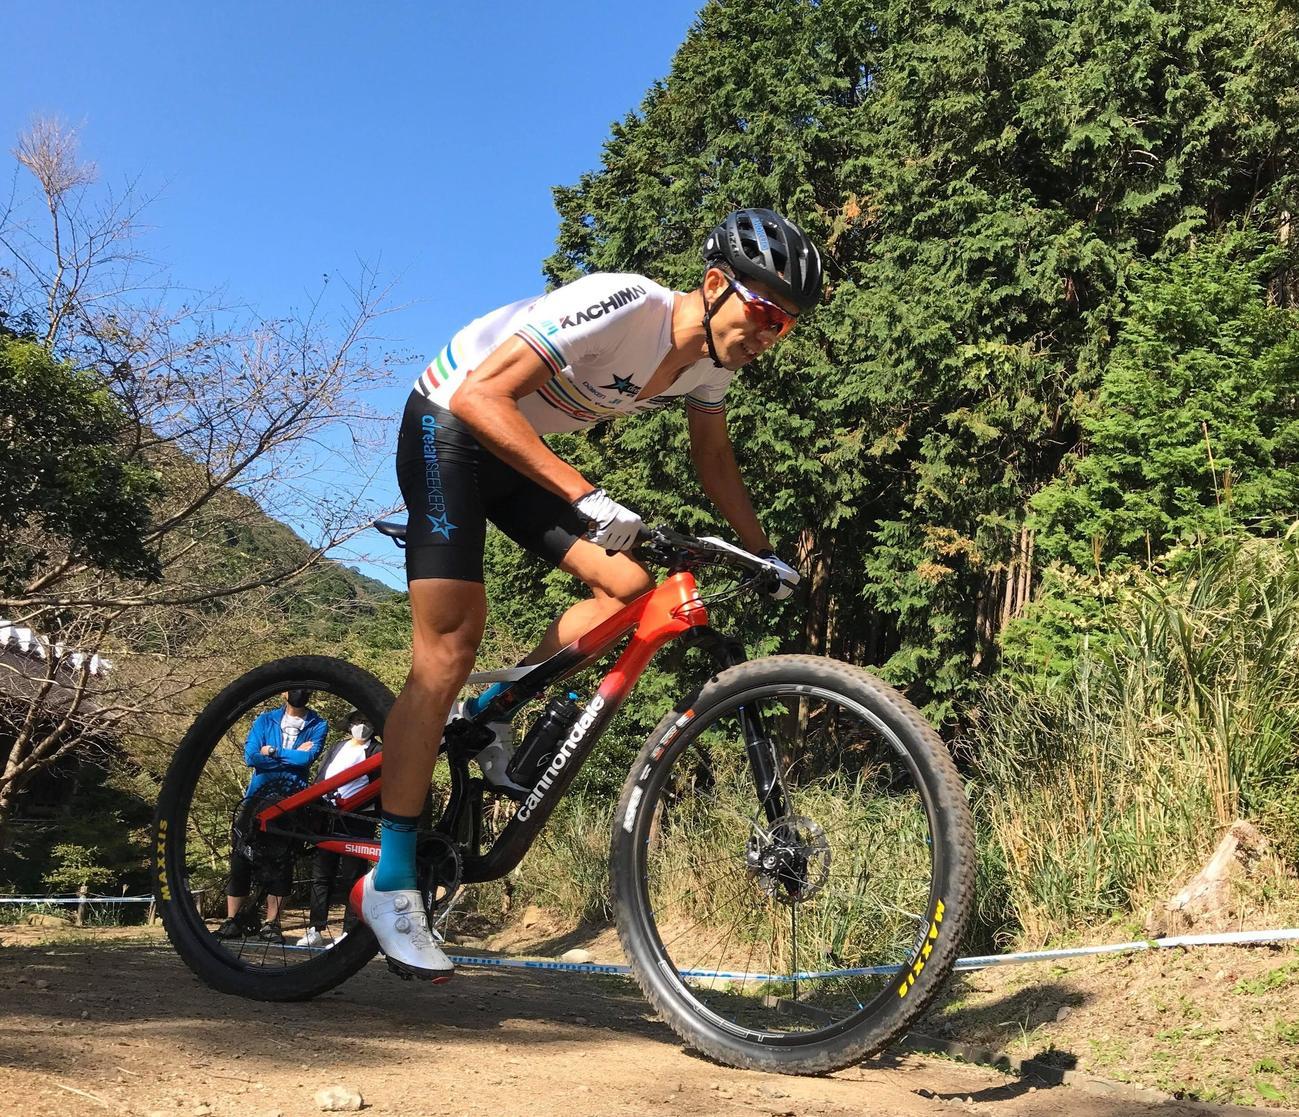 今季の国内大会でレースに臨む自転車マウンテンバイクの山本(C)2020dsmtb